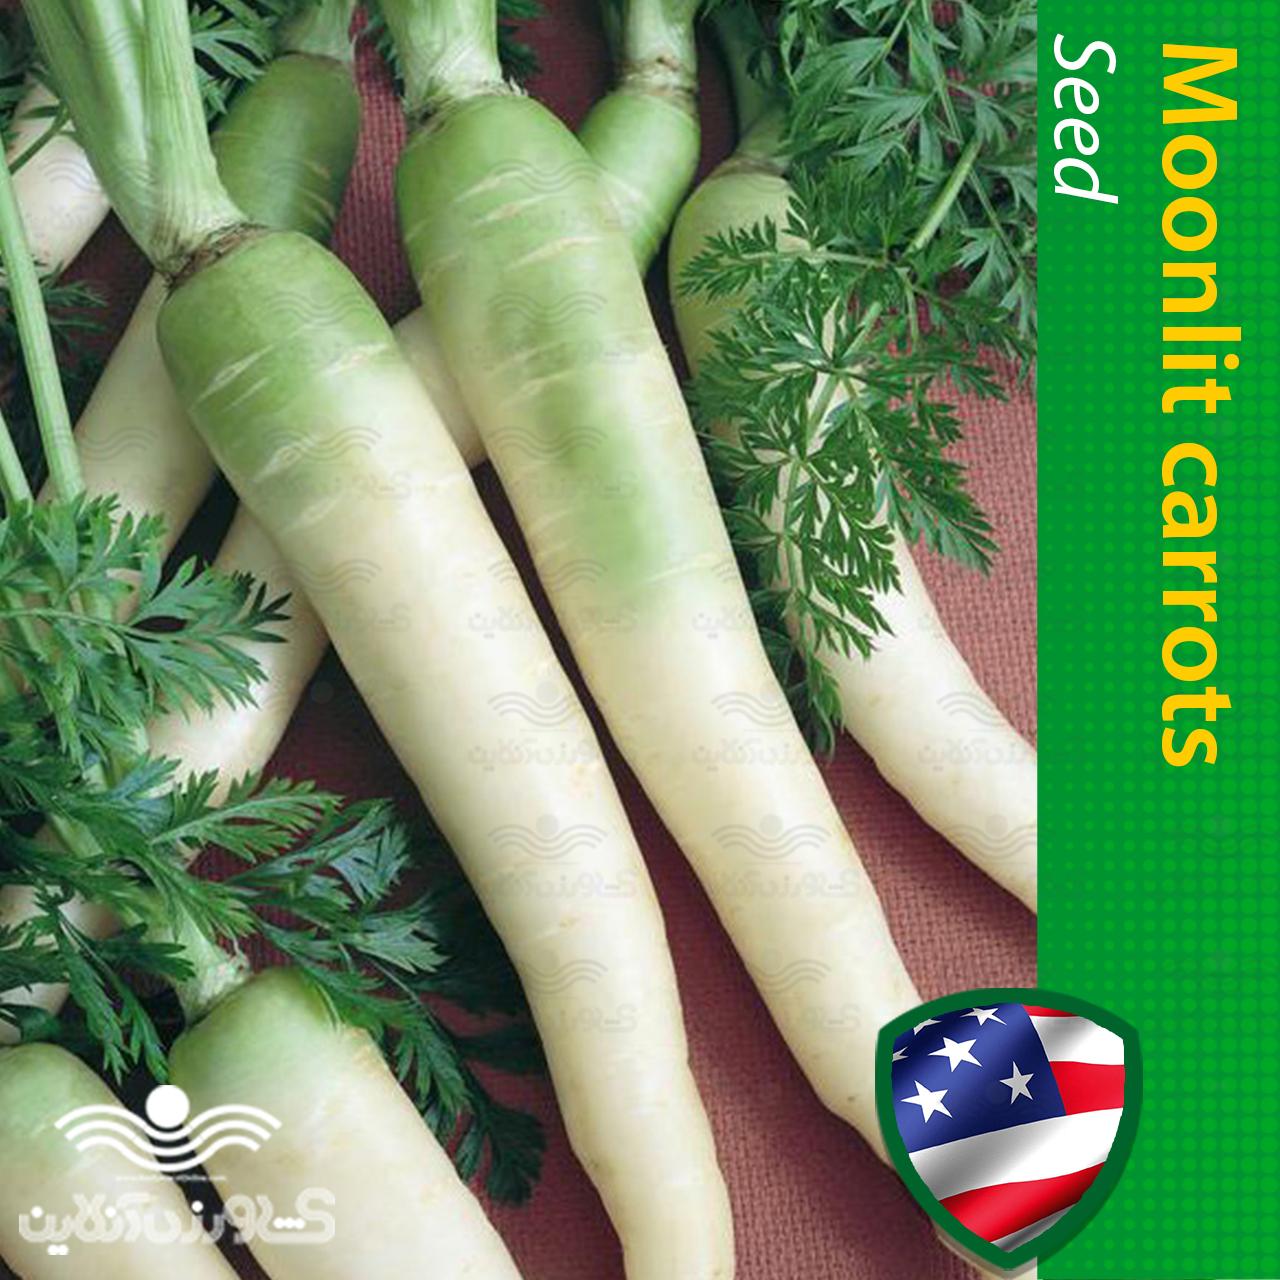 بذر هویج مهتابی و روش کاشت هویج مهتابی